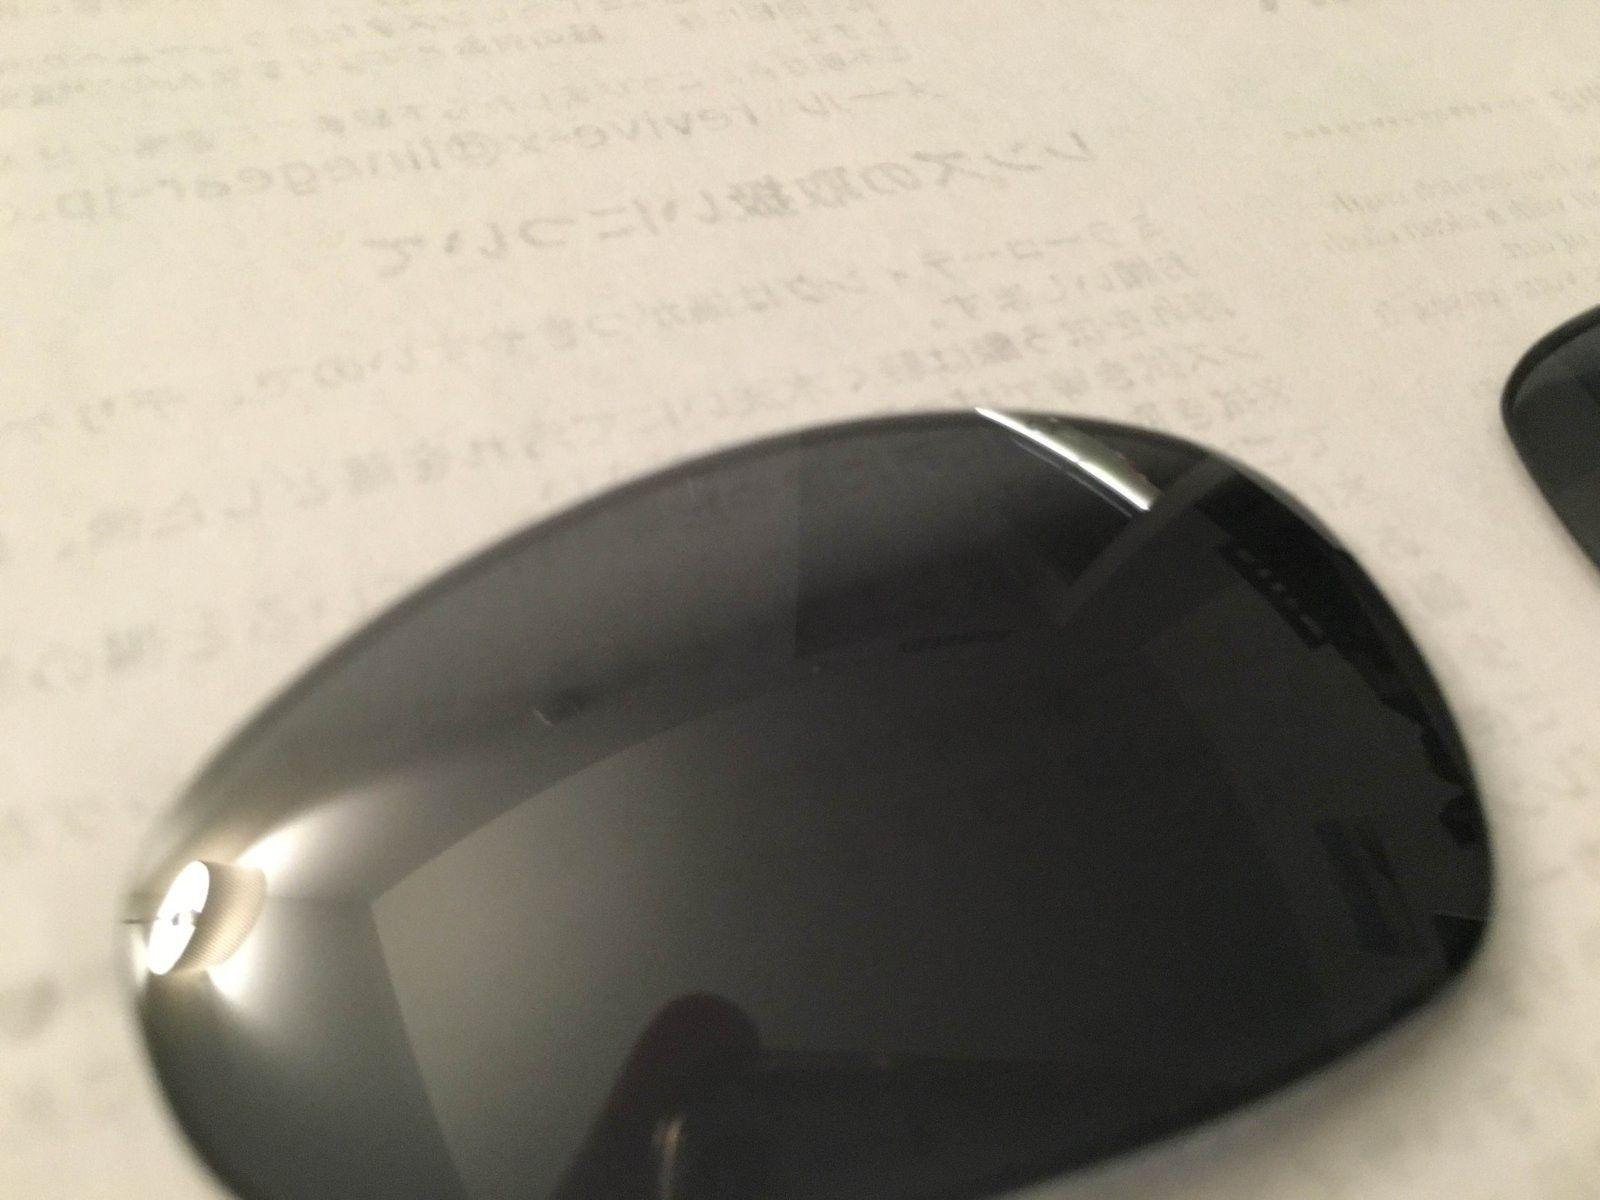 Linegear Oakley Juliet NXT Lens Review - IMG_2350.JPG